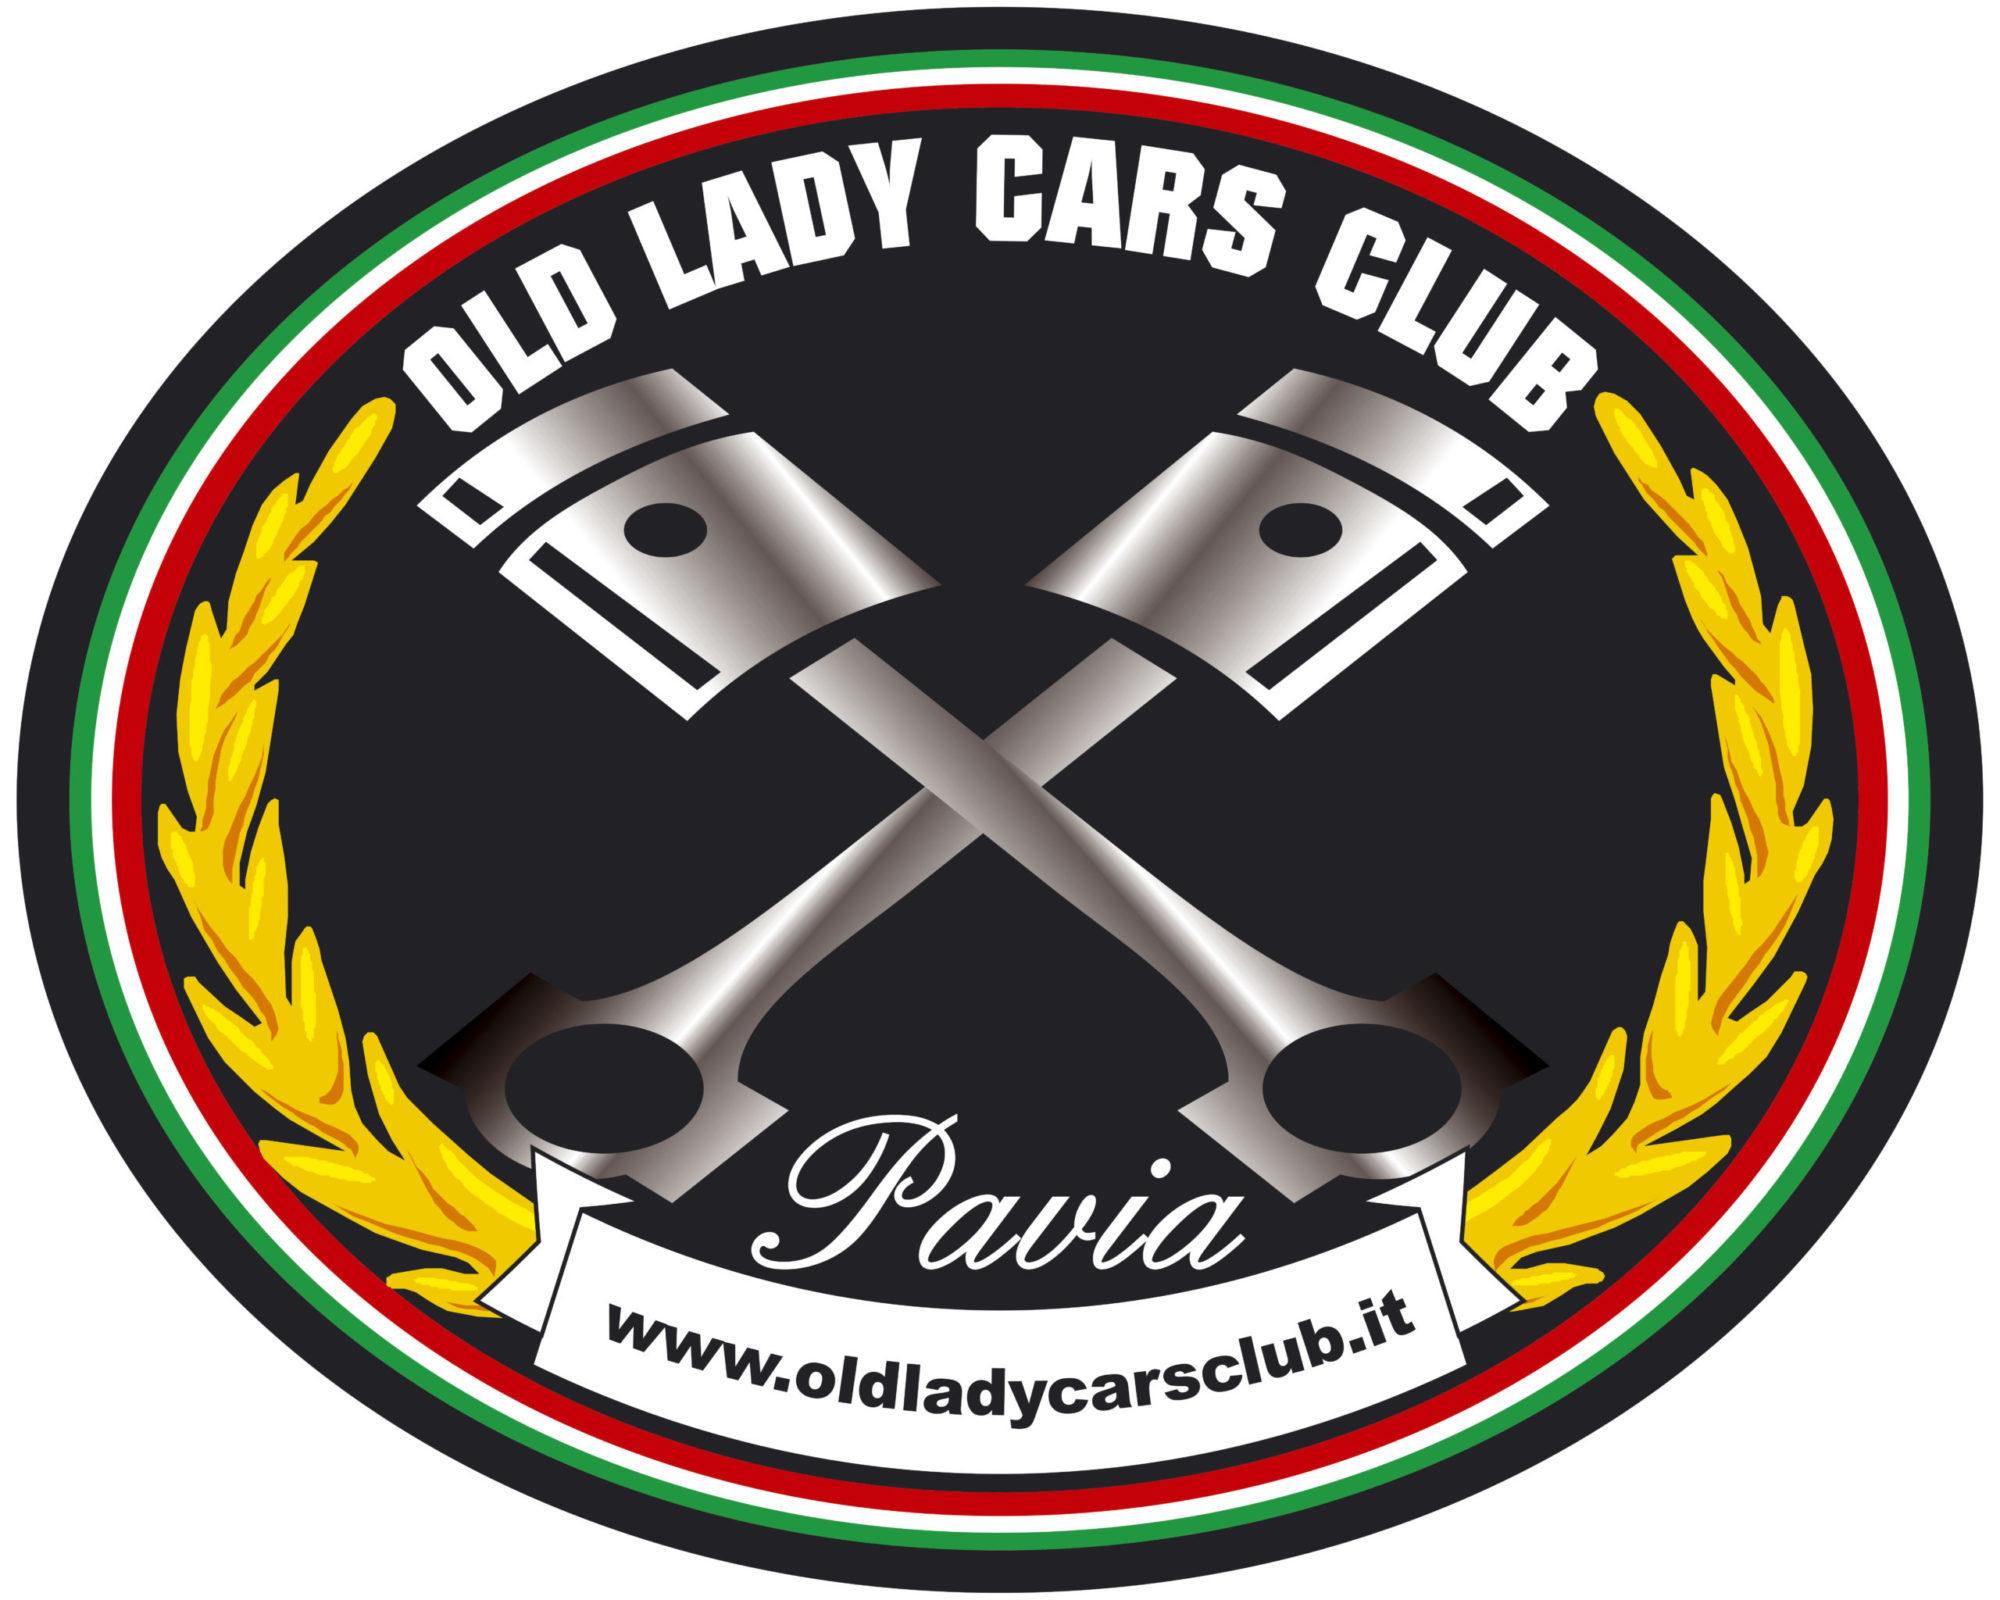 Oldladycarsclub